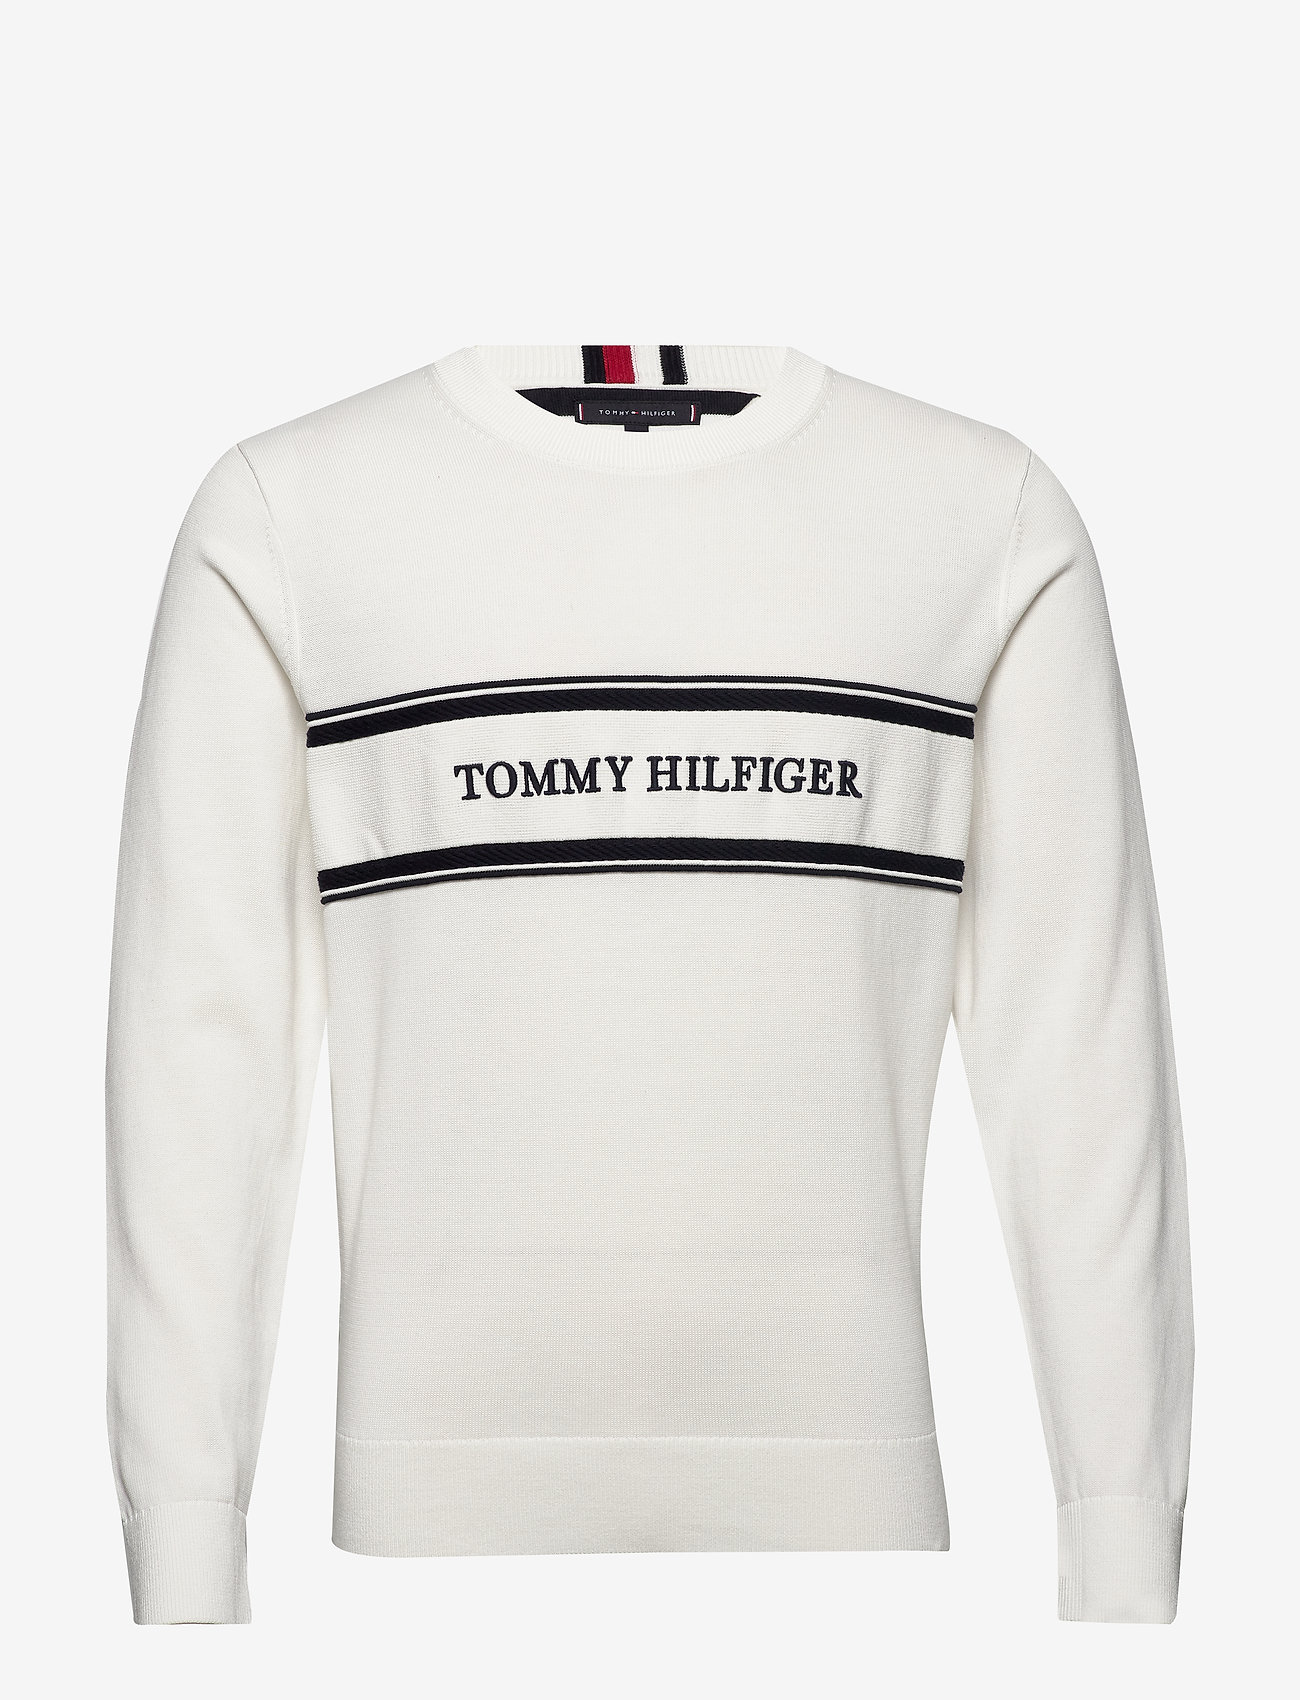 Tommy Hilfiger - ROPE LOGO SWEATER - rund hals - ecru - 0